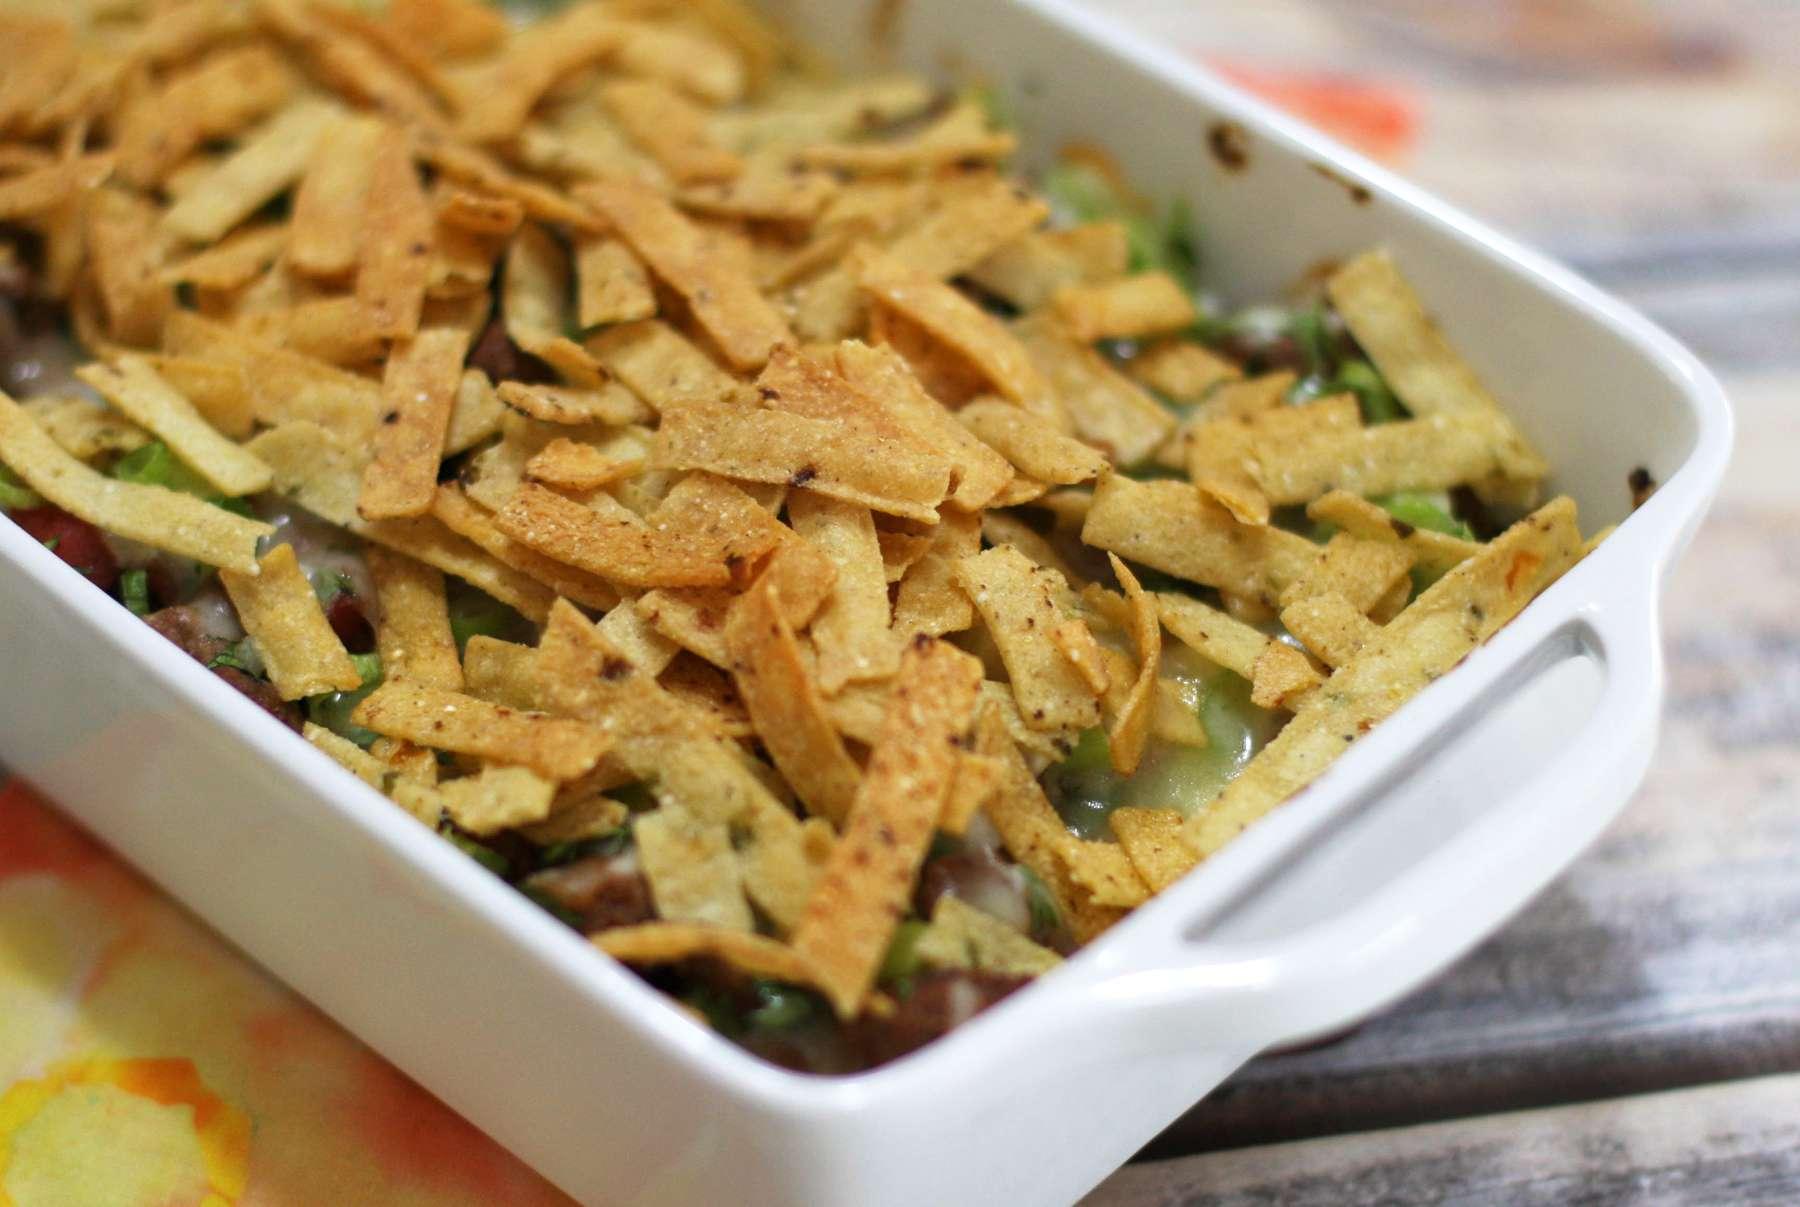 Cazuela de taco de carne molida con relleno de chips de maíz con queso